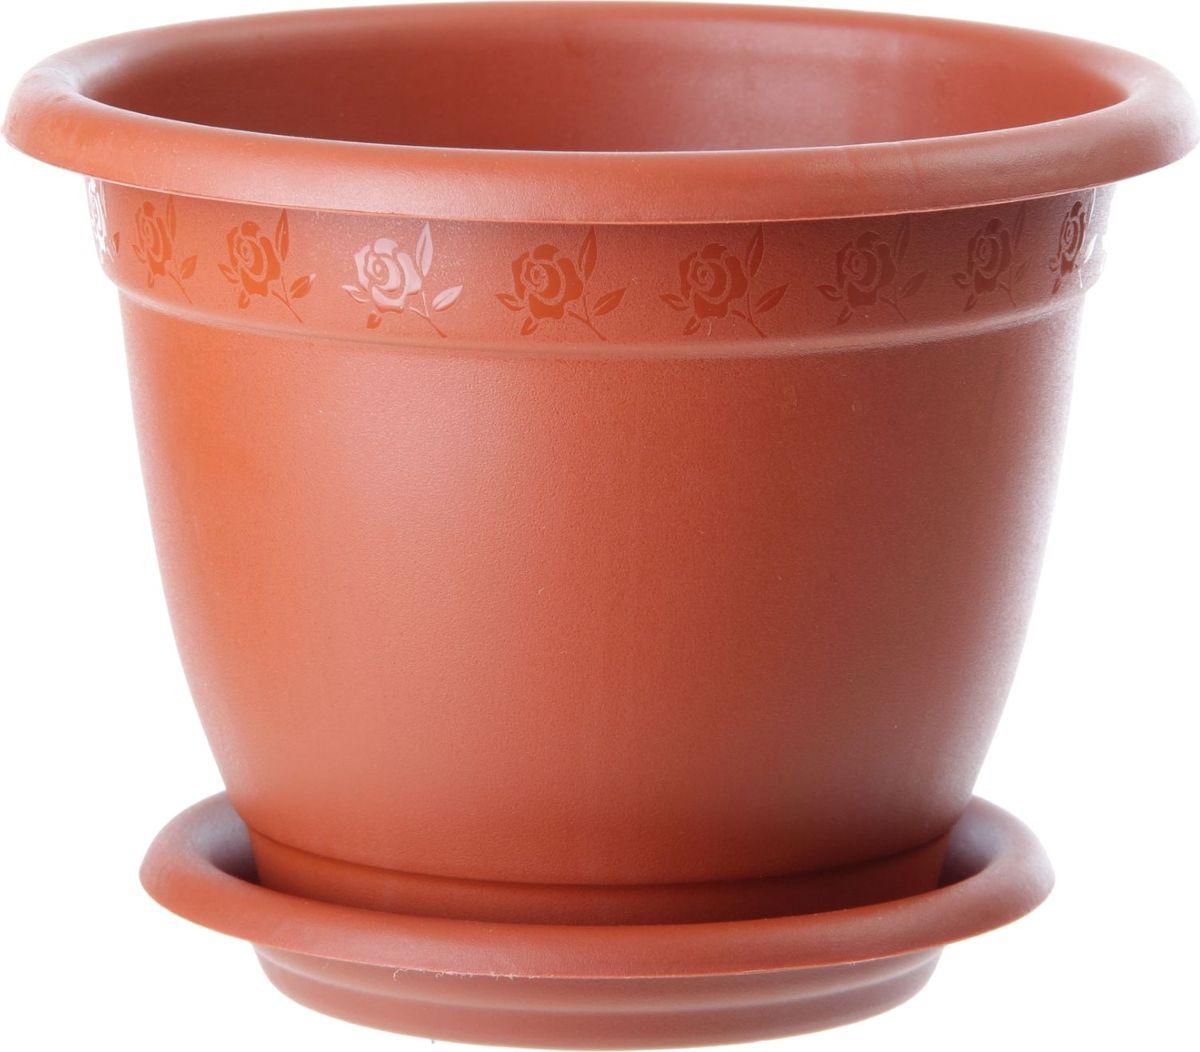 Горшок для цветов InGreen Борнео, с поддоном, цвет: терракотовый, диаметр 19 смING42019FТРЛюбой, даже самый современный и продуманный интерьер будет не завершённым без растений. Они не только очищают воздух и насыщают его кислородом, но и заметно украшают окружающее пространство. Такому полезному &laquo члену семьи&raquoпросто необходимо красивое и функциональное кашпо, оригинальный горшок или необычная ваза! Мы предлагаем - Горшок для цветов d=19 см Борнео 3 л, с подставкой, цвет терракотовый!Оптимальный выбор материала &mdash &nbsp пластмасса! Почему мы так считаем? Малый вес. С лёгкостью переносите горшки и кашпо с места на место, ставьте их на столики или полки, подвешивайте под потолок, не беспокоясь о нагрузке. Простота ухода. Пластиковые изделия не нуждаются в специальных условиях хранения. Их&nbsp легко чистить &mdashдостаточно просто сполоснуть тёплой водой. Никаких царапин. Пластиковые кашпо не царапают и не загрязняют поверхности, на которых стоят. Пластик дольше хранит влагу, а значит &mdashрастение реже нуждается в поливе. Пластмасса не пропускает воздух &mdashкорневой системе растения не грозят резкие перепады температур. Огромный выбор форм, декора и расцветок &mdashвы без труда подберёте что-то, что идеально впишется в уже существующий интерьер.Соблюдая нехитрые правила ухода, вы можете заметно продлить срок службы горшков, вазонов и кашпо из пластика: всегда учитывайте размер кроны и корневой системы растения (при разрастании большое растение способно повредить маленький горшок)берегите изделие от воздействия прямых солнечных лучей, чтобы кашпо и горшки не выцветалидержите кашпо и горшки из пластика подальше от нагревающихся поверхностей.Создавайте прекрасные цветочные композиции, выращивайте рассаду или необычные растения, а низкие цены позволят вам не ограничивать себя в выборе.